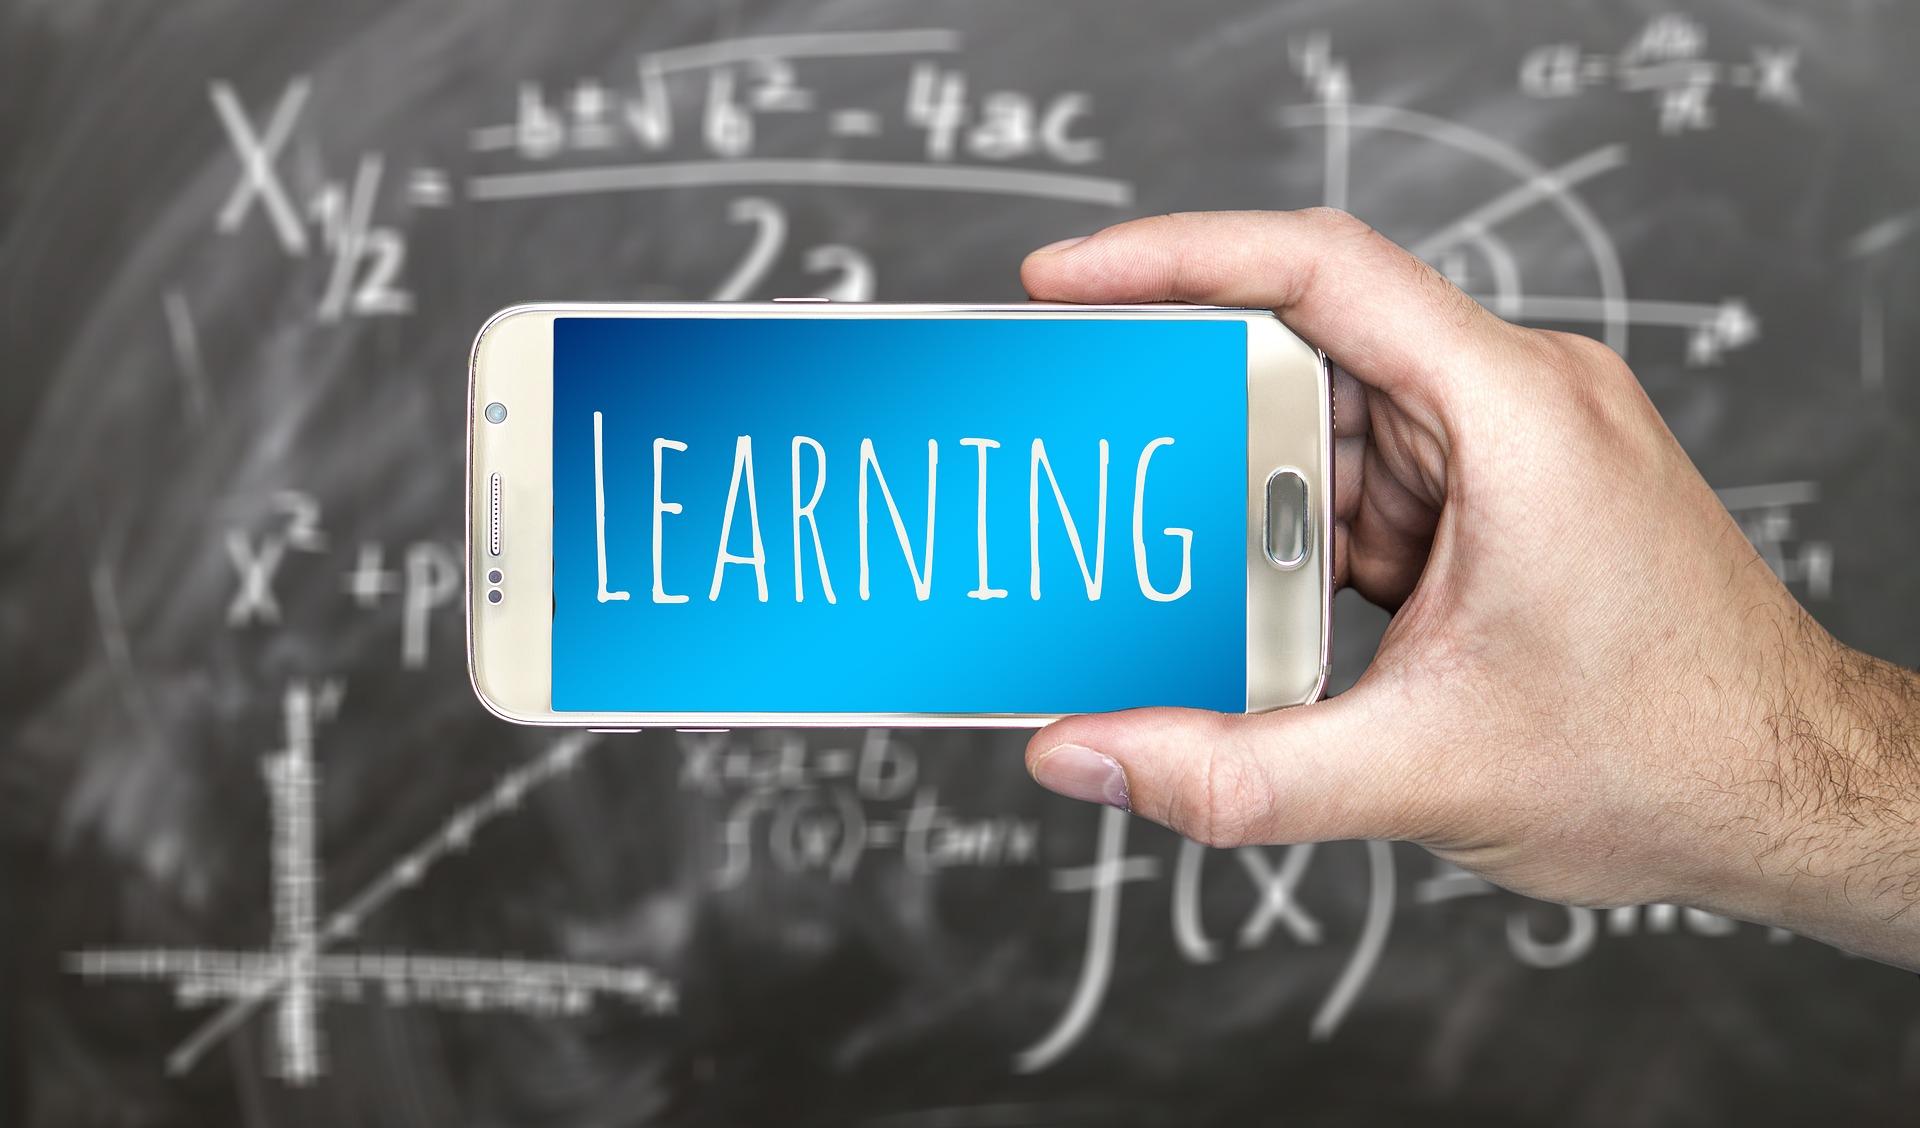 Os apps vêm revolucionando a forma de estudar